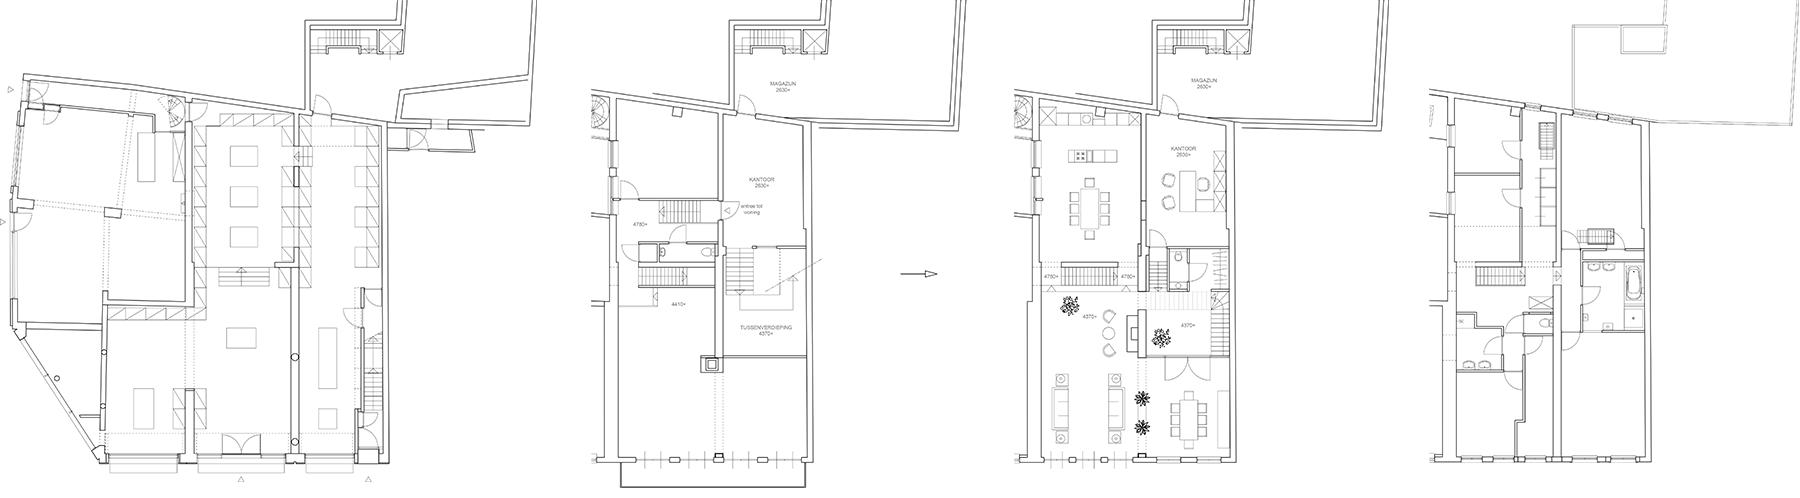 Nieuwe begane grond - bestaande 1e verdieping > nieuwe 1e verdieping - 2e verdieping